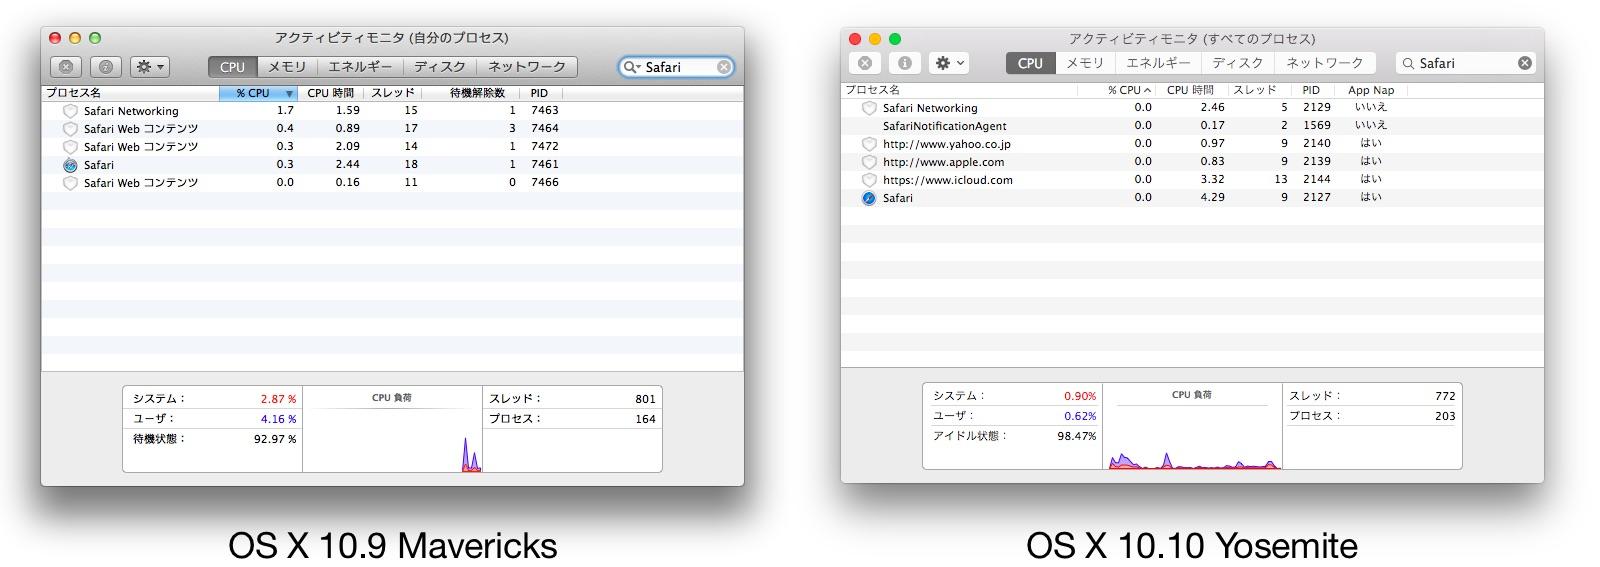 OS X 10.9 MavericksとOS X 10.10 YosemiteのSafari